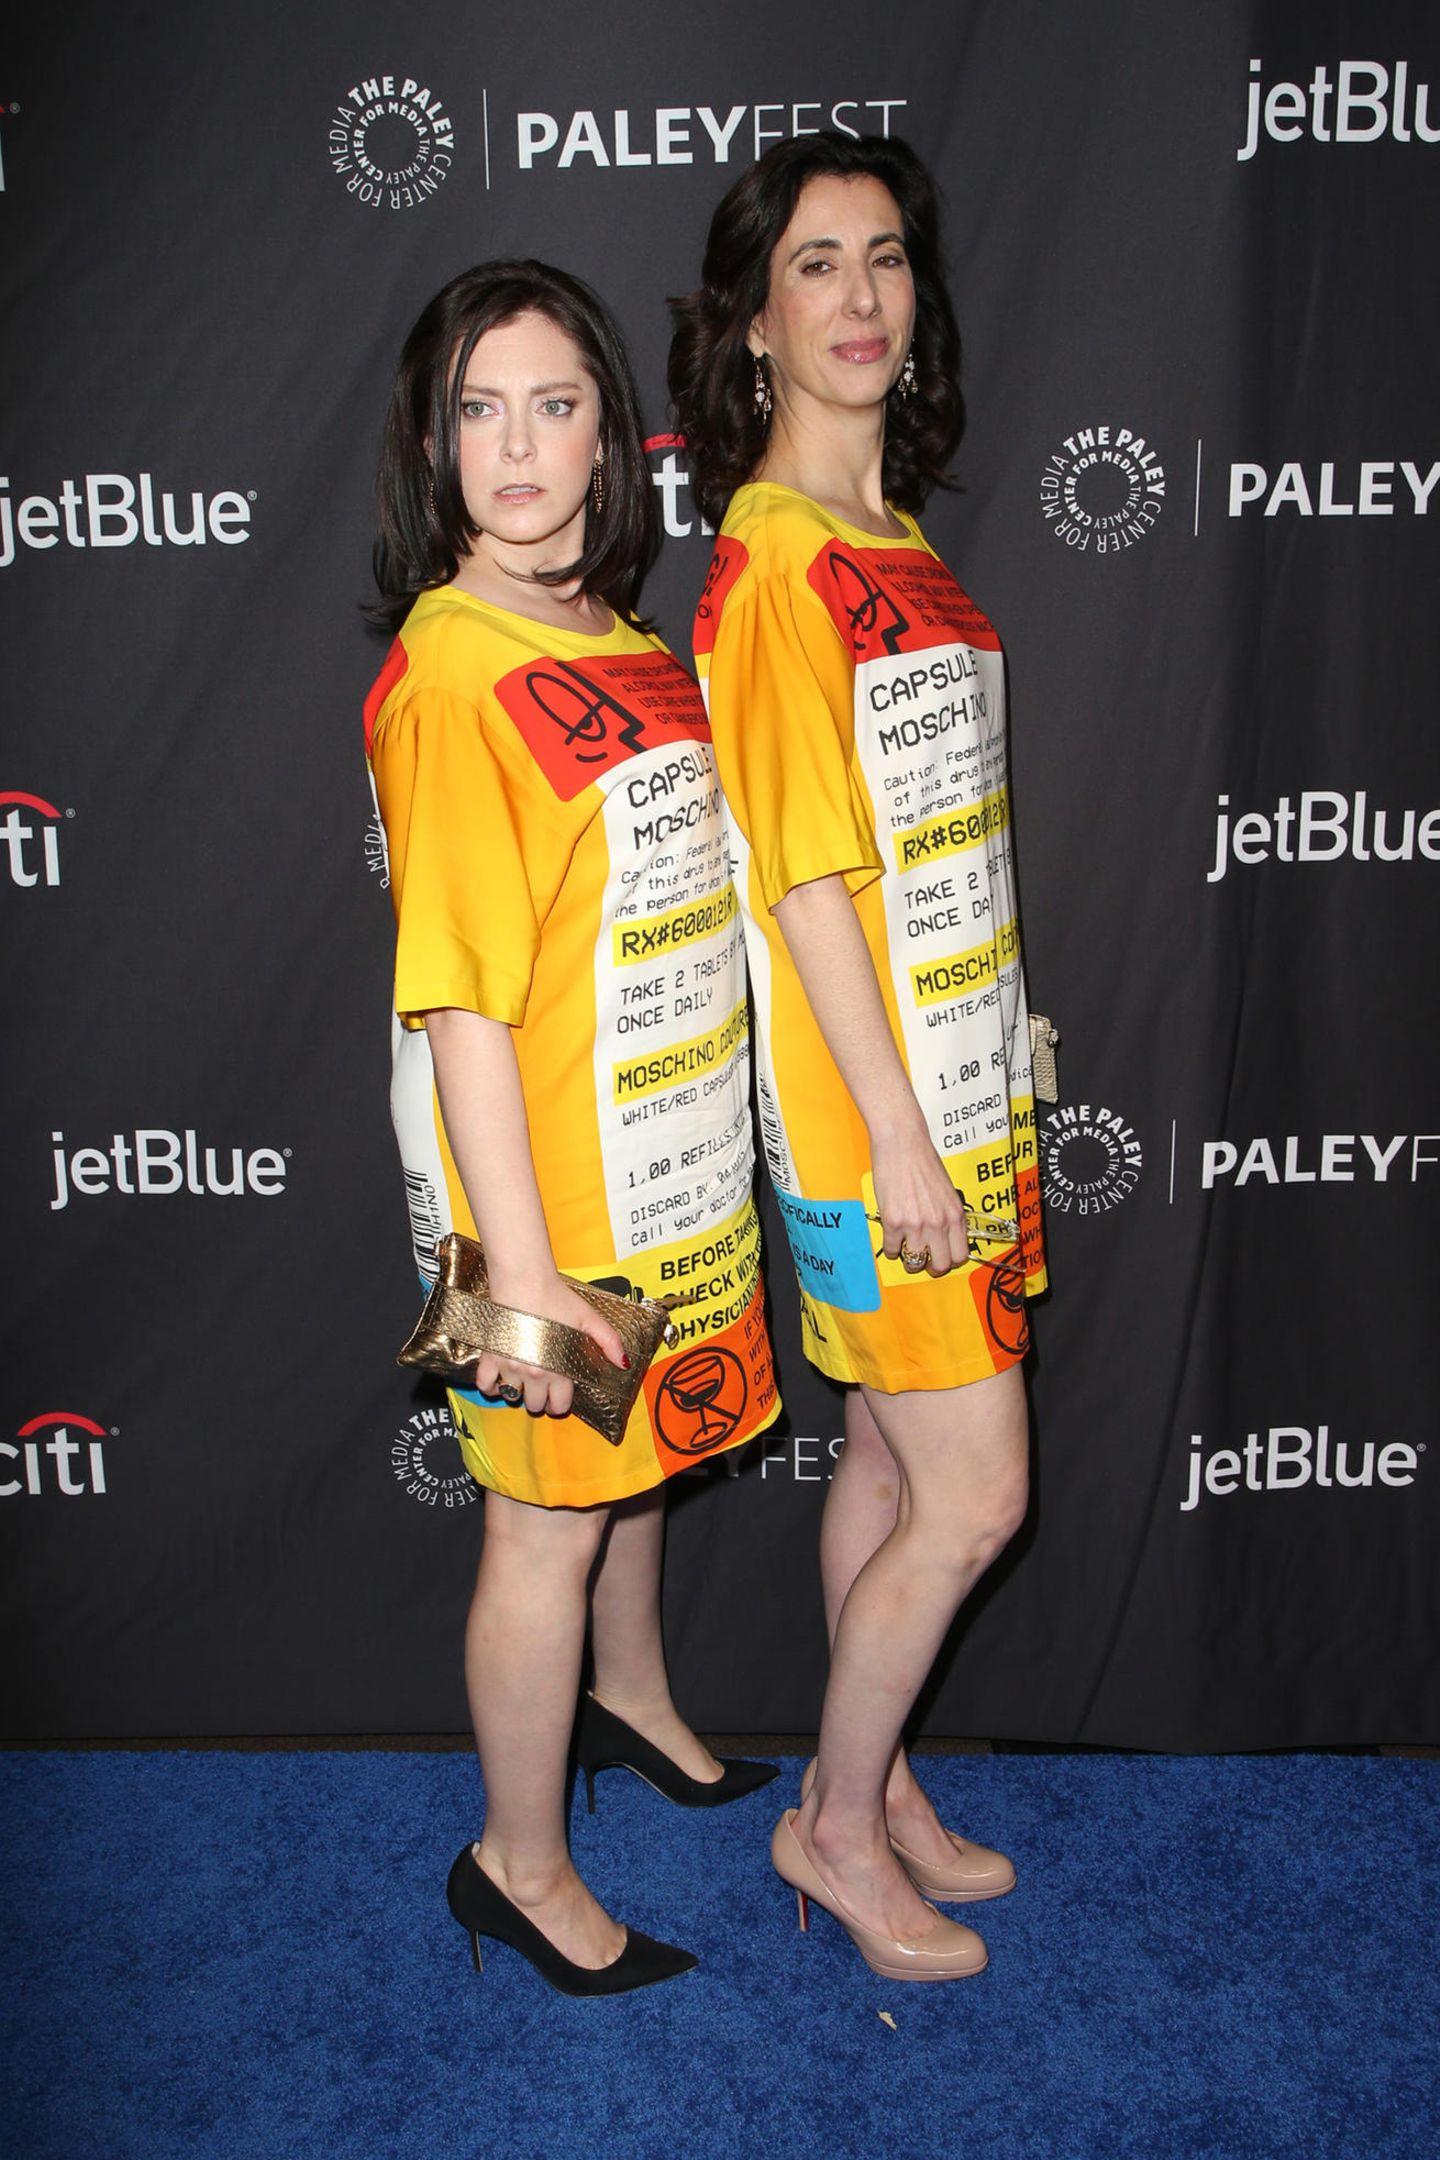 Huch, das doppelte Lottchen in der US-Version! Die Schauspielerin Rachel Bloom kam im gleichen Moschino-Kleid, wie die DrehbuchautorinAline Brosh McKenna. Die beiden können es jedoch mit Humor nehmen und posieren gemeinsam für die Kameras.